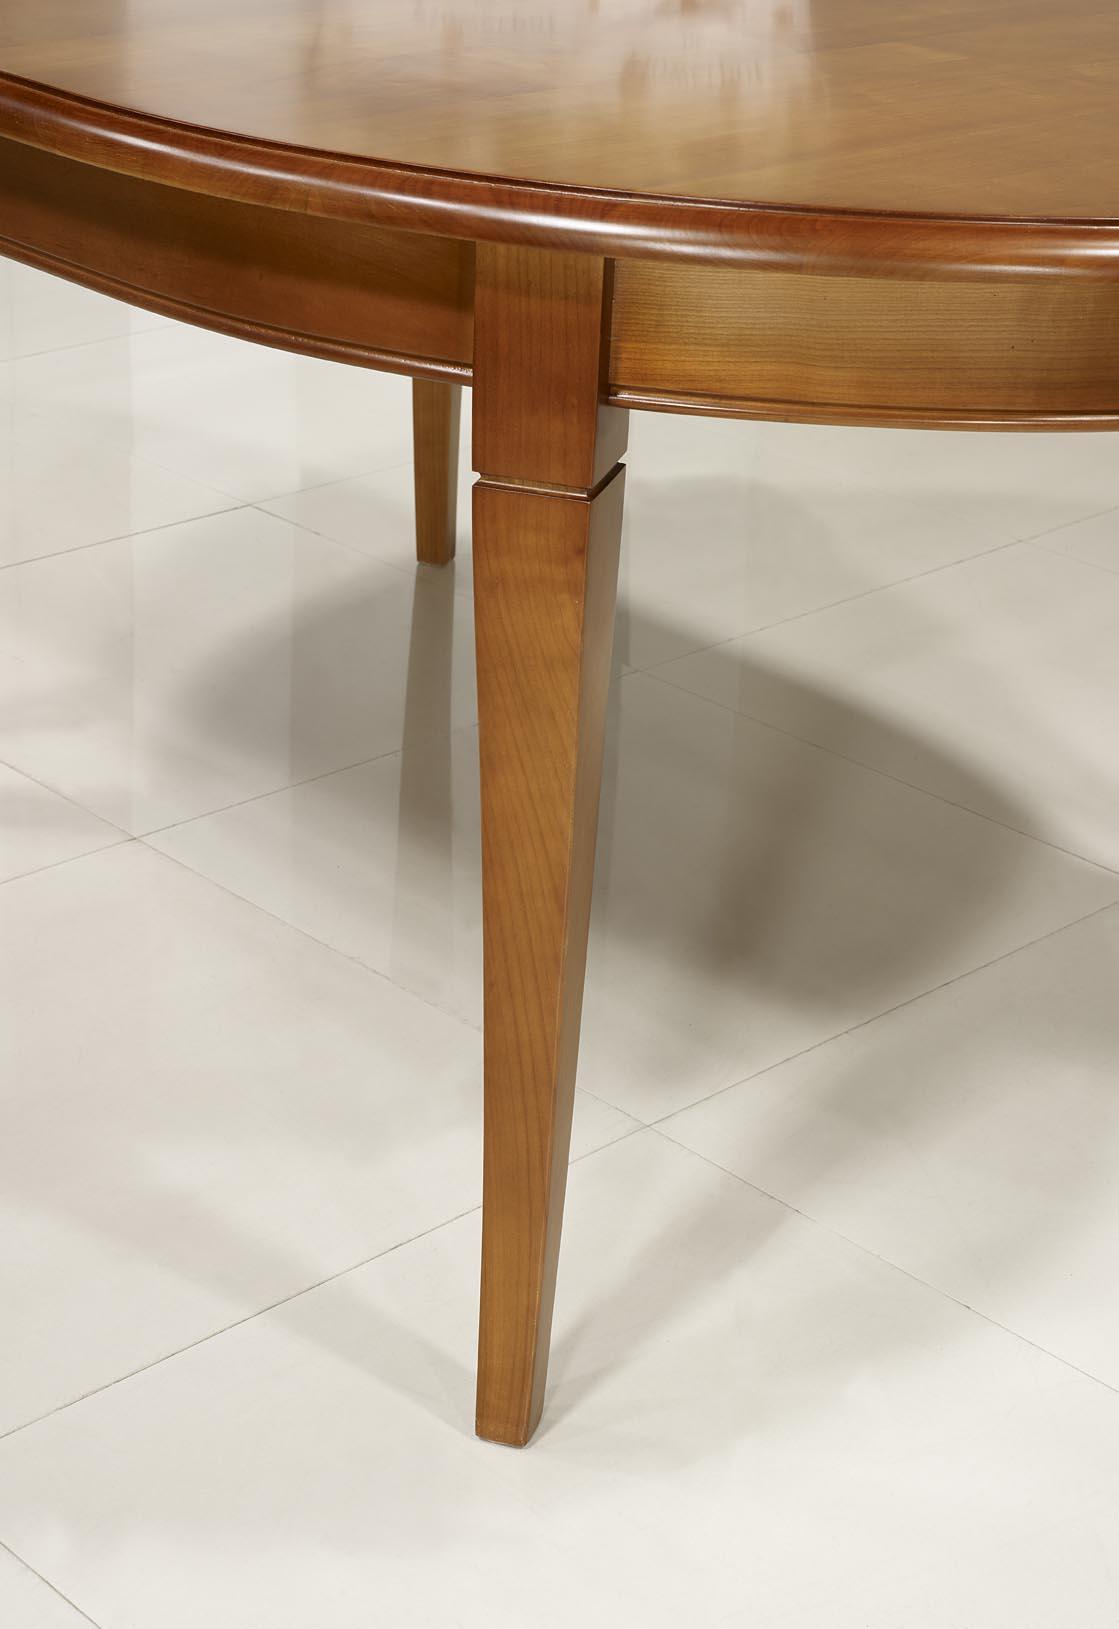 Table Ovale 180*120 En Merisier Massif De Style Louis